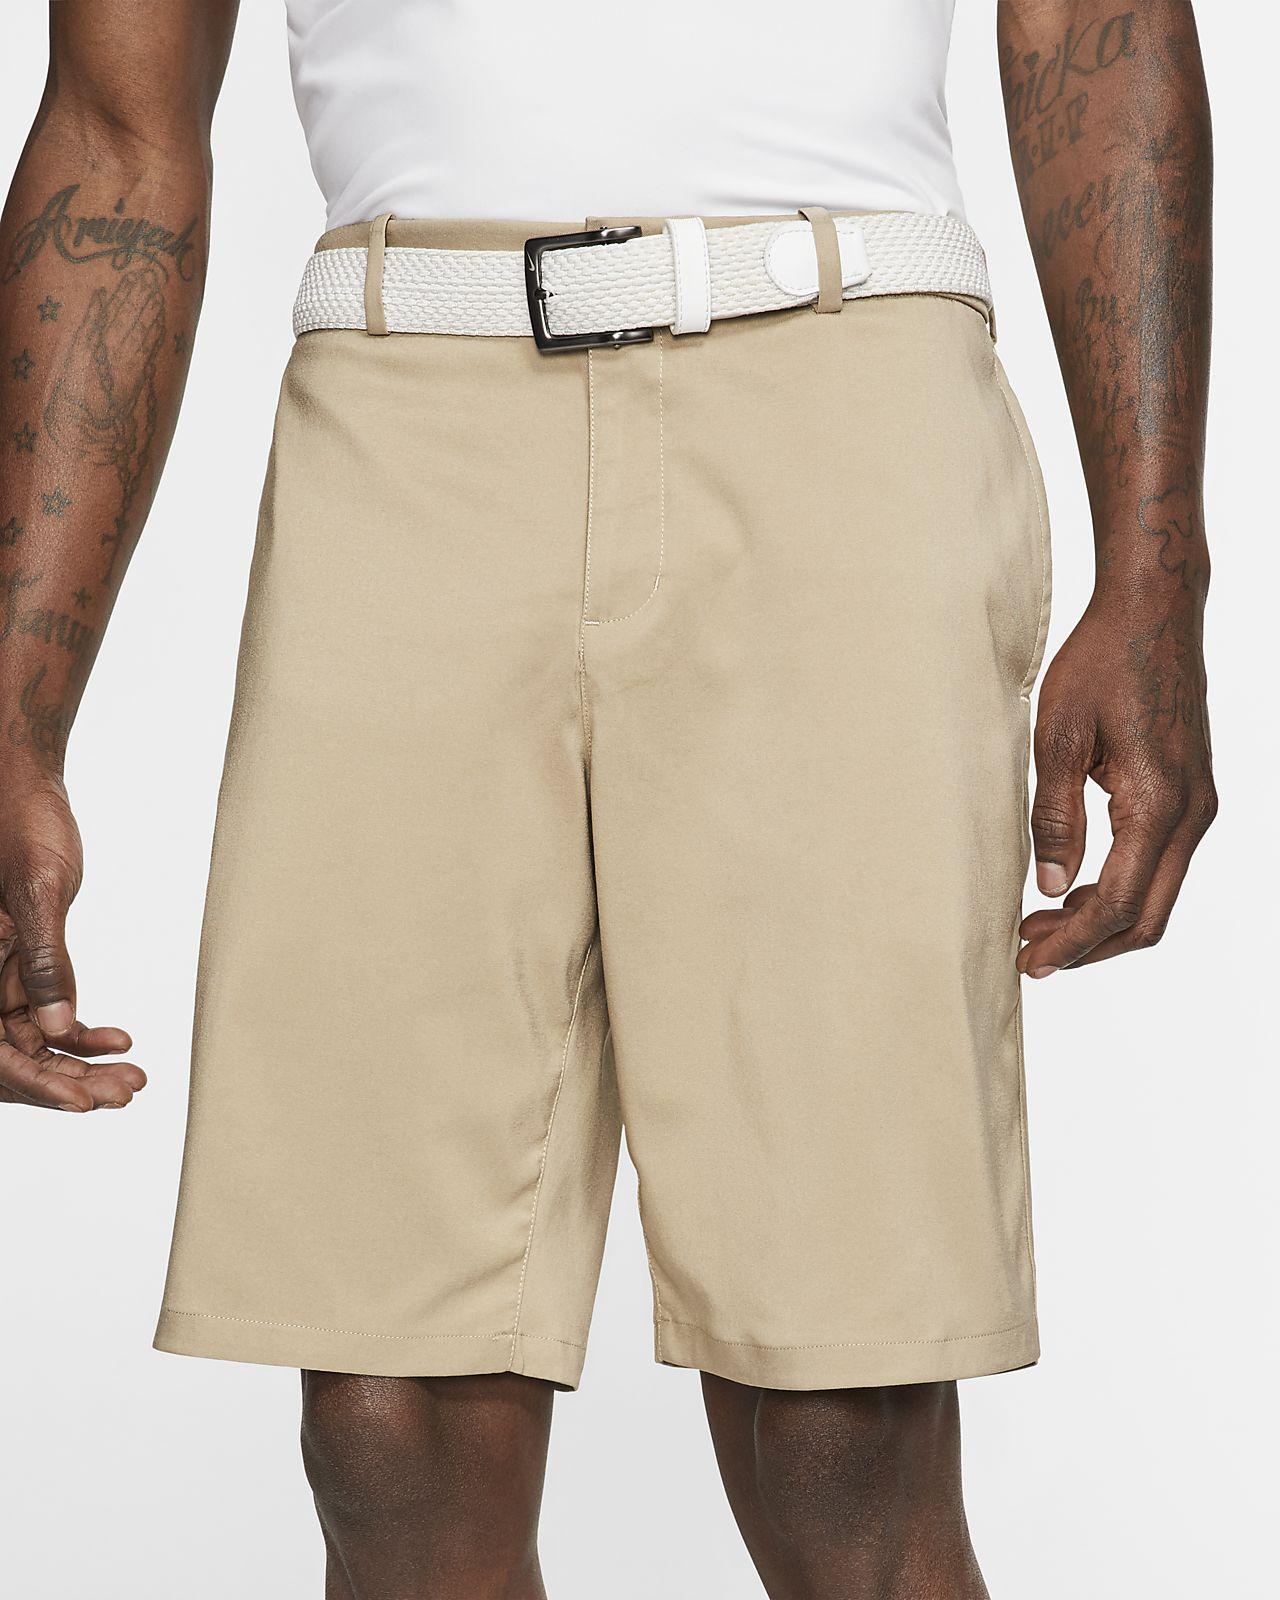 Golfshorts Nike Flex för män